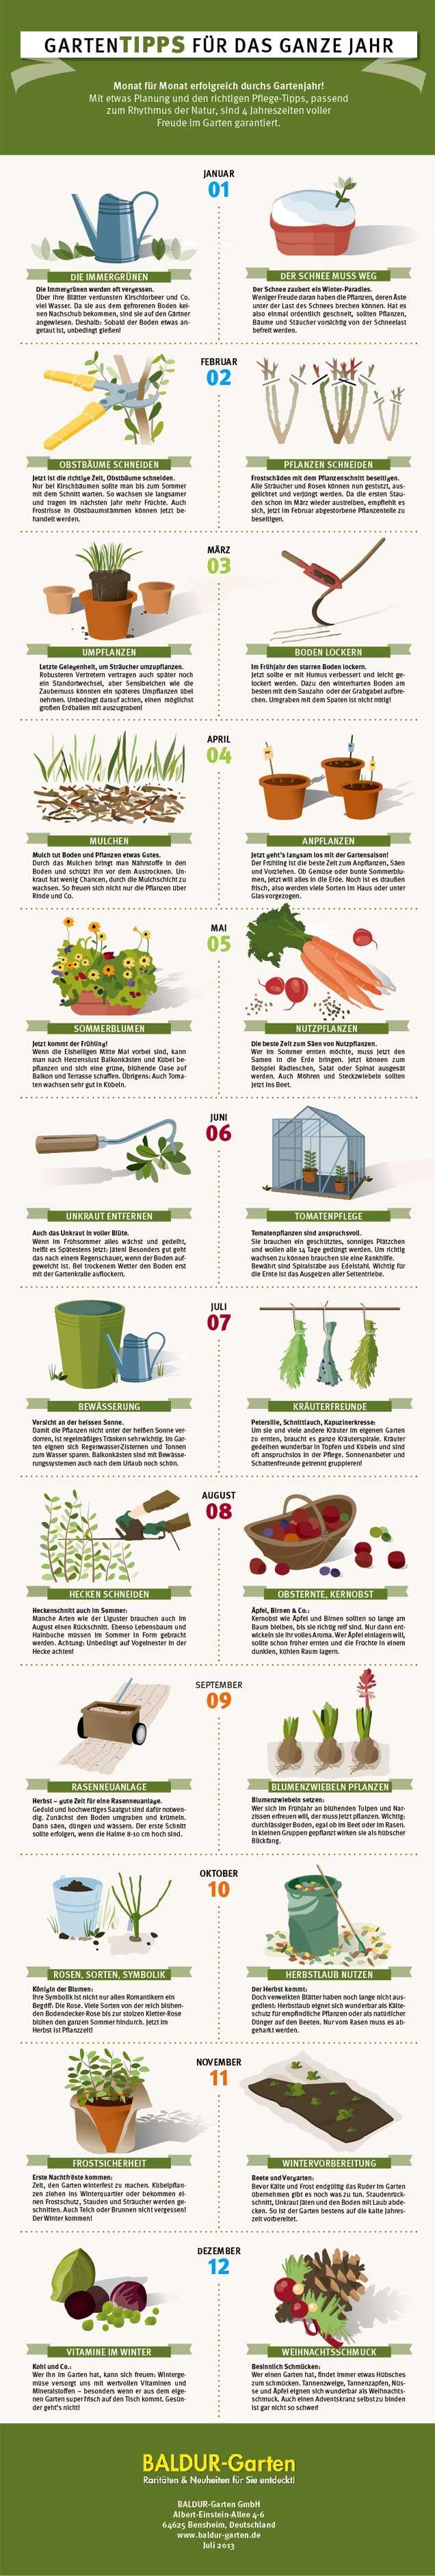 Gartenjahr als Grafik - hier geht's zu den Gartentipps